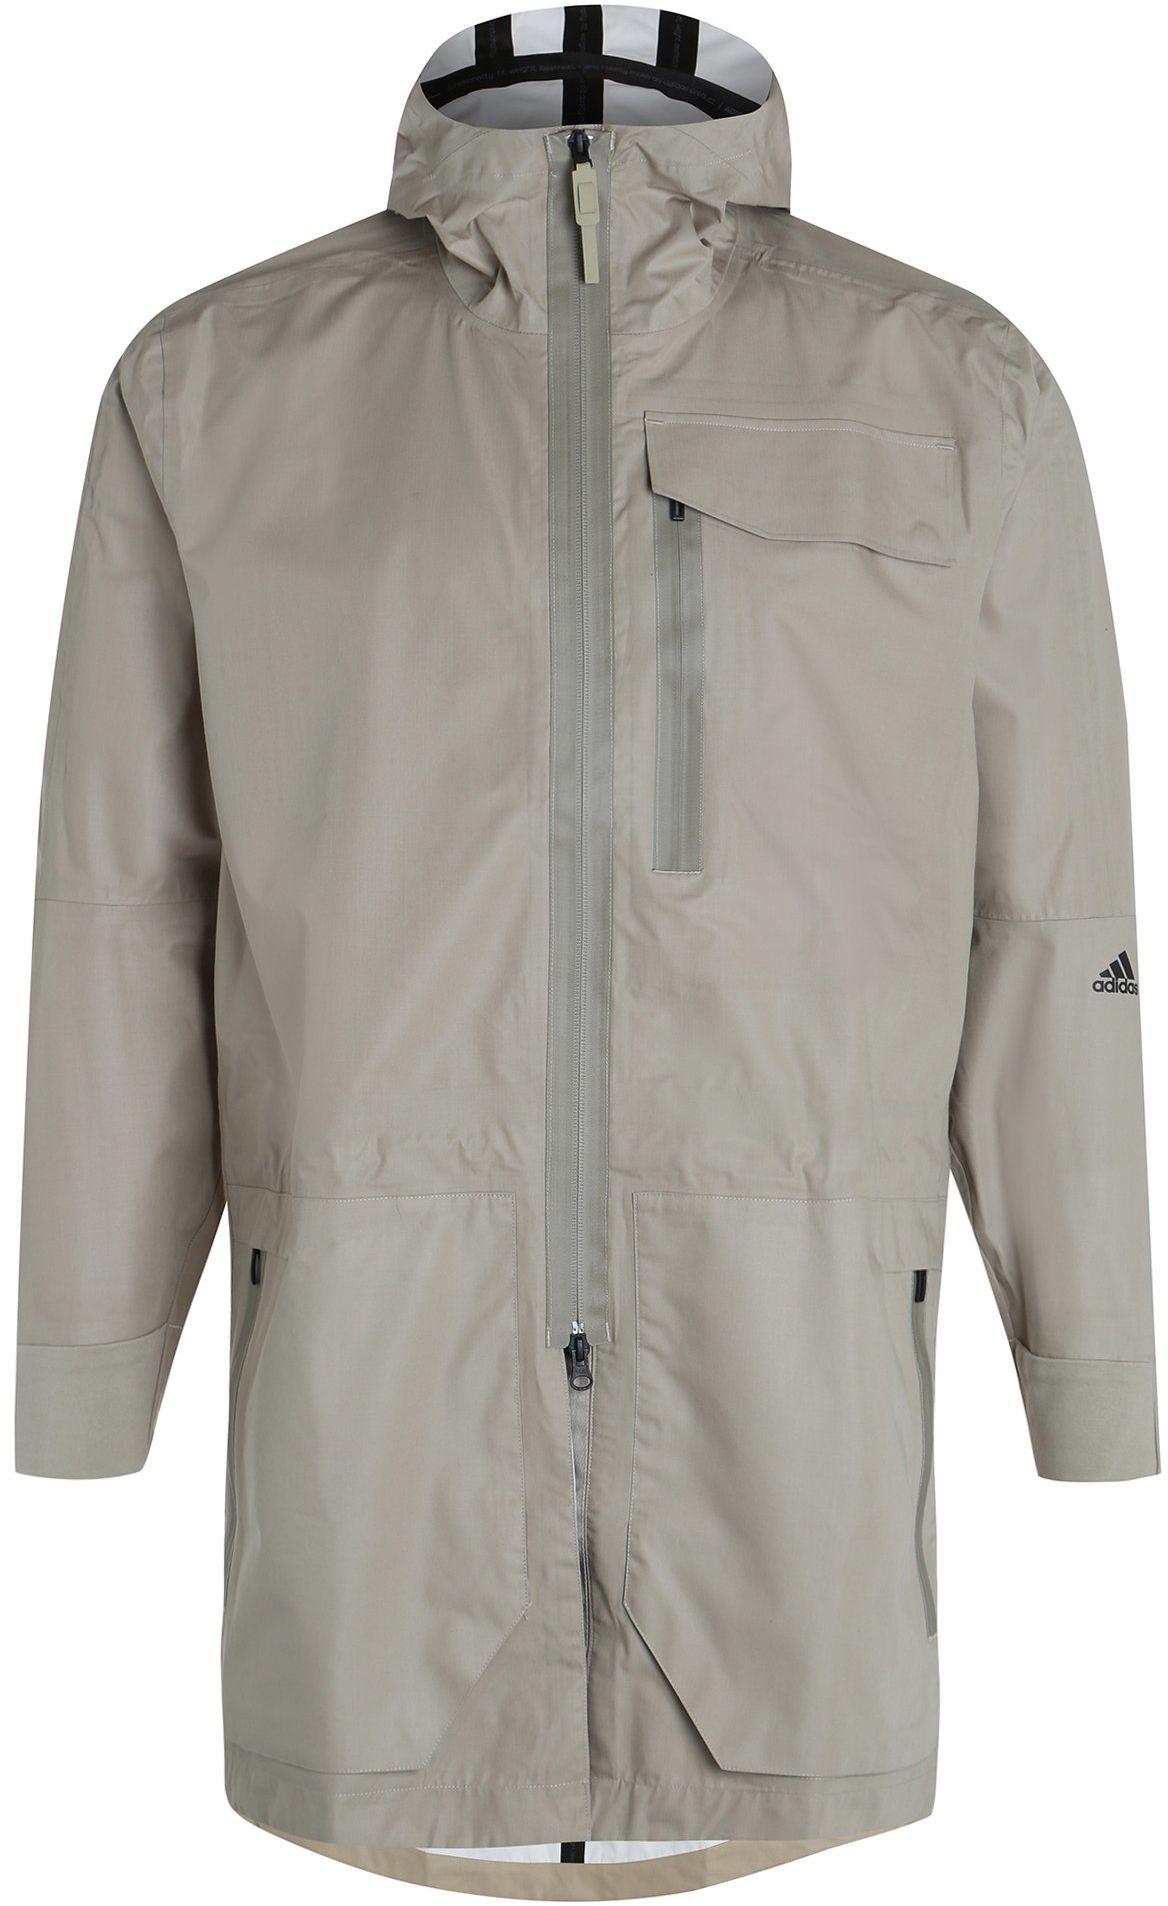 adidas Standard 19 Parka męska kurtka treningowa, beżowa, M-50